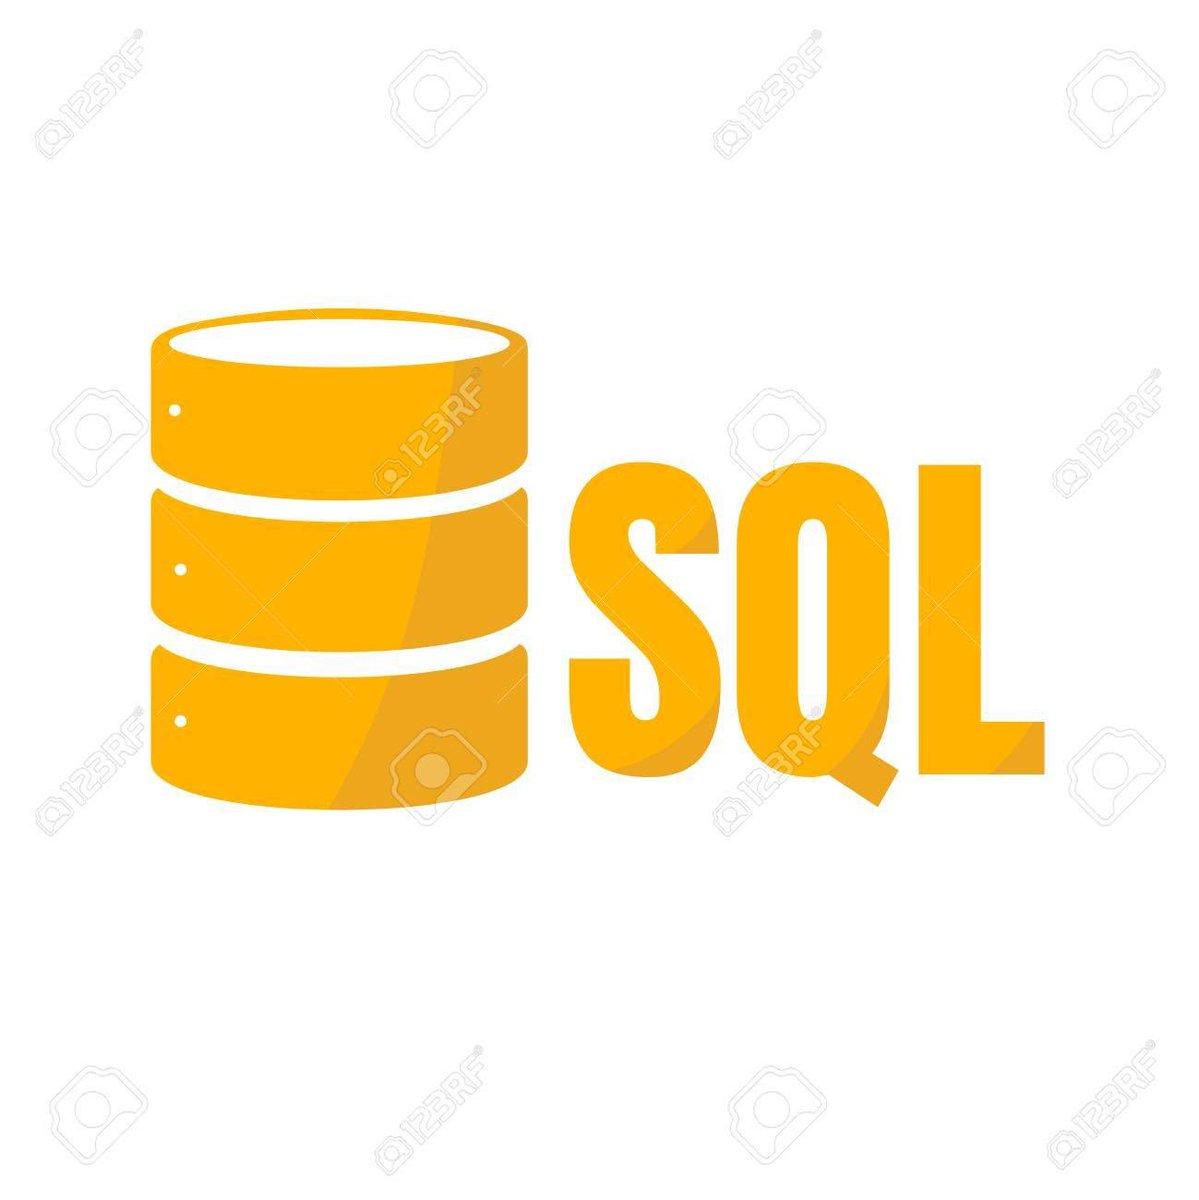 مايلي رابط موقع SQLZoo المبسط لتعلم لغة SQL للمبتدئين، مايميز الموقع أنه تفاعلي بحيث تستطيع أن تتعلم وتقوم بكتابة كود SQL Query وجملها وستجد النتائج في نفس المتصفح!ويحتوي كذلك على وفرة من الأمثلة التوضيحية والشروح للمفاهيم المفيدة لتعلم هذه اللغة: https://sqlzoo.net